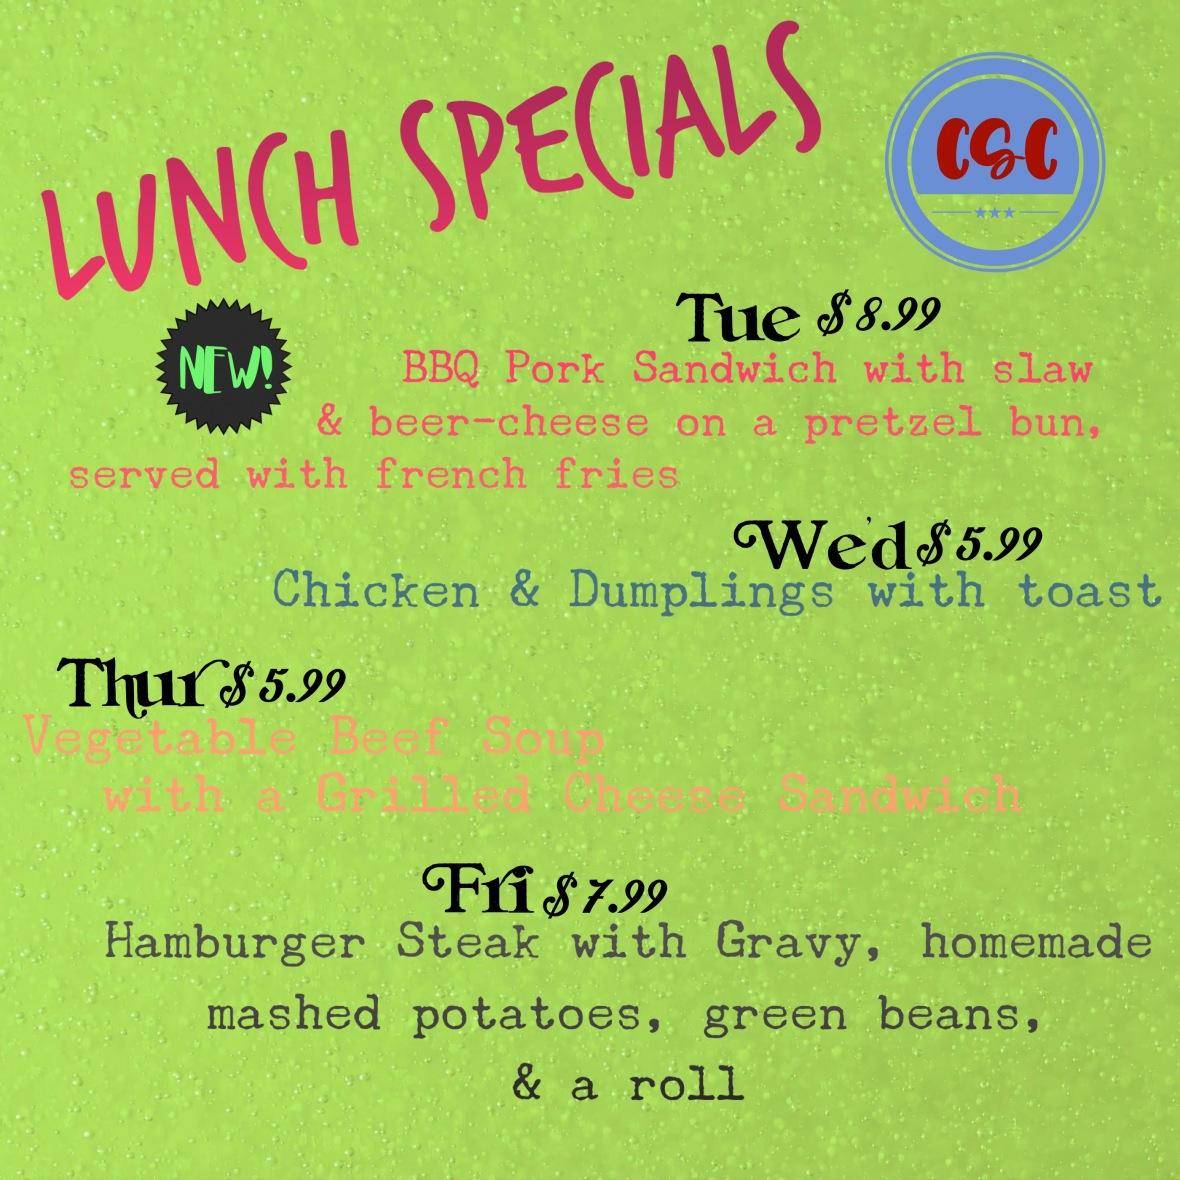 lunch specials jan 3